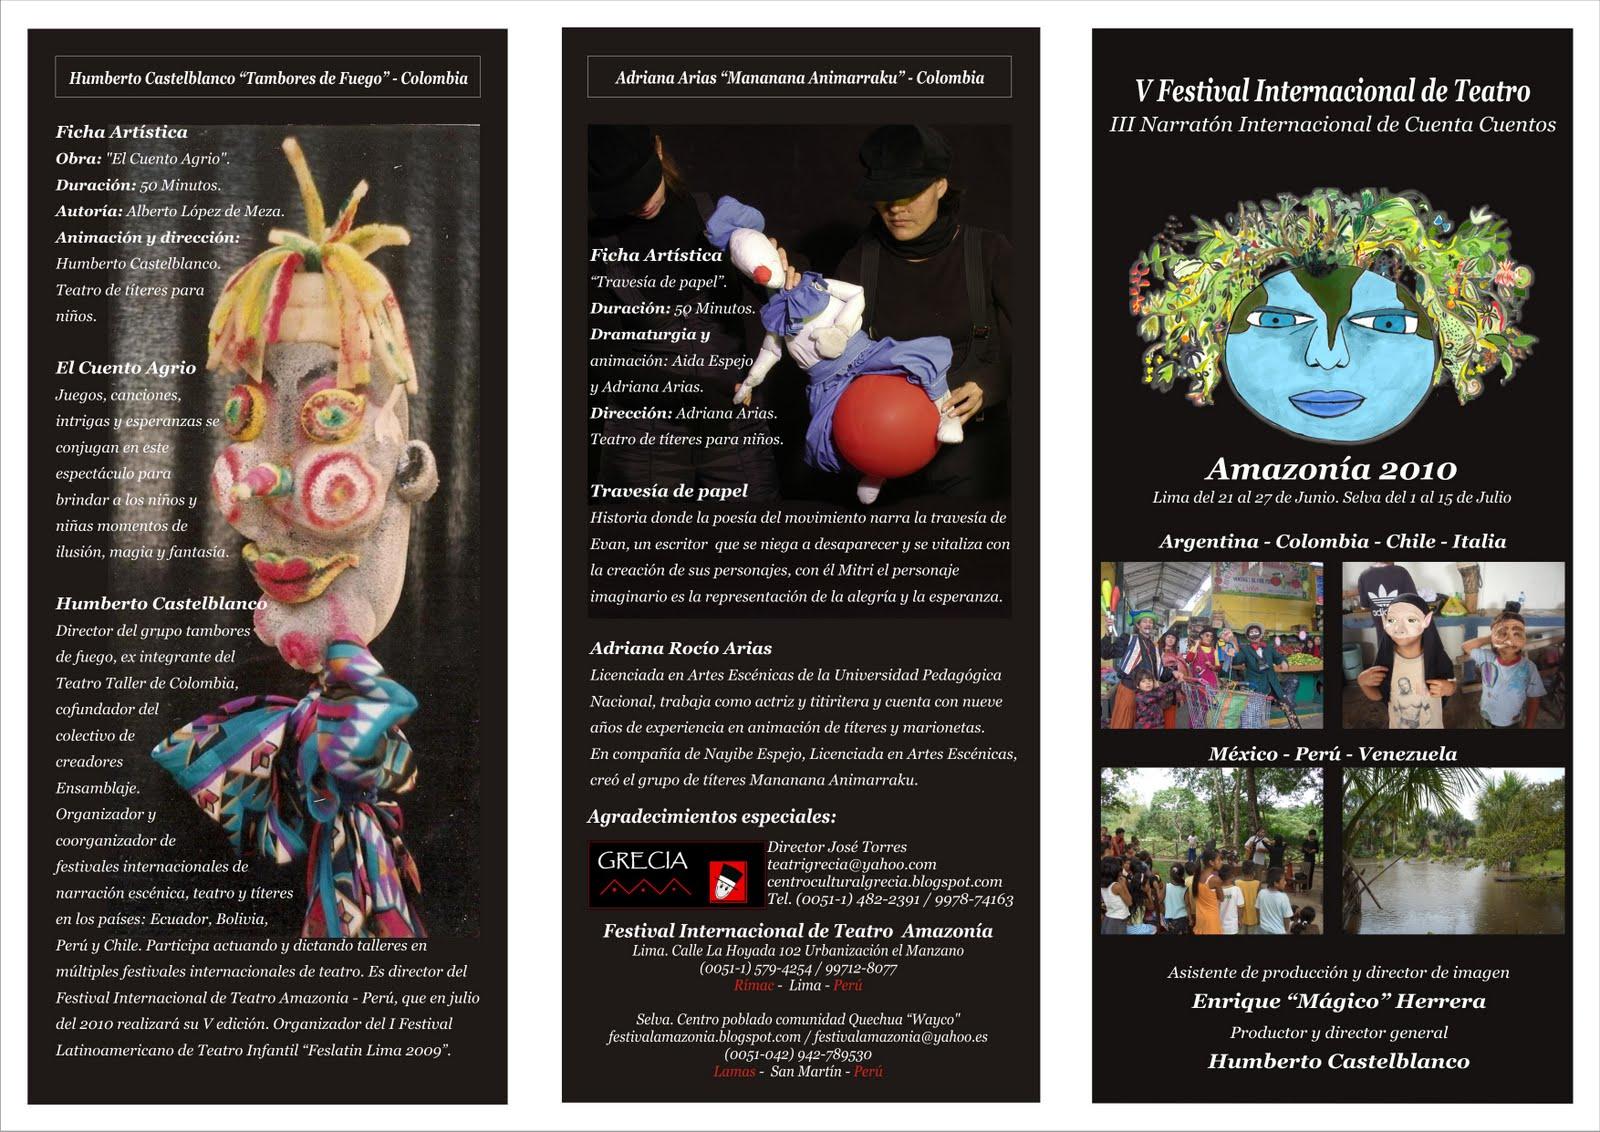 Festival de Teatro Amazonia Trptico de la selva